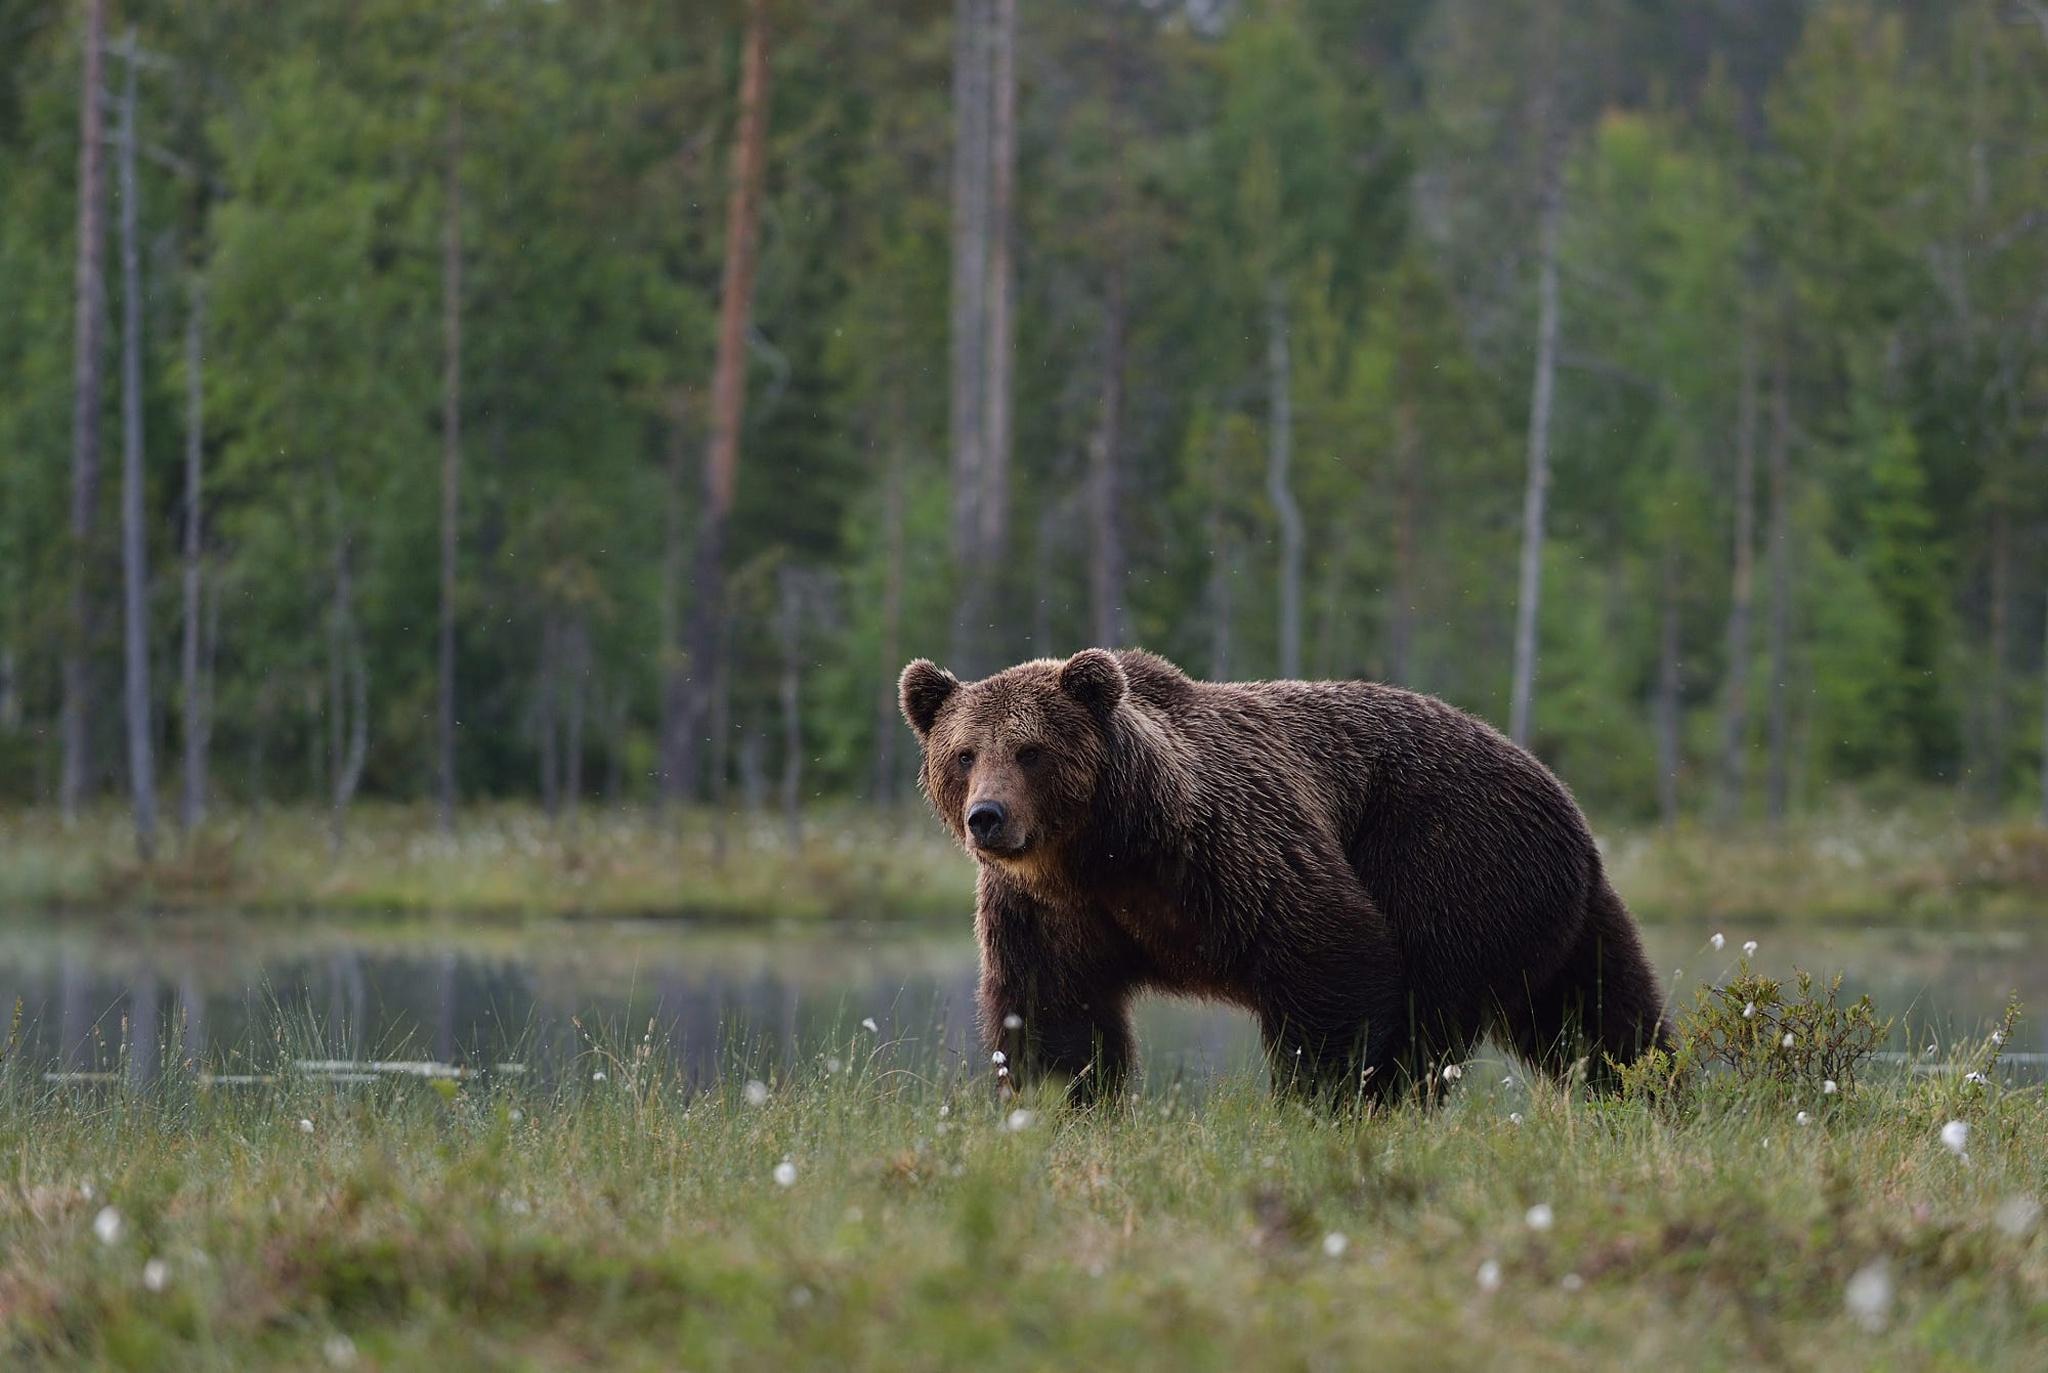 теней, идущий медведь фото цокольном этаже